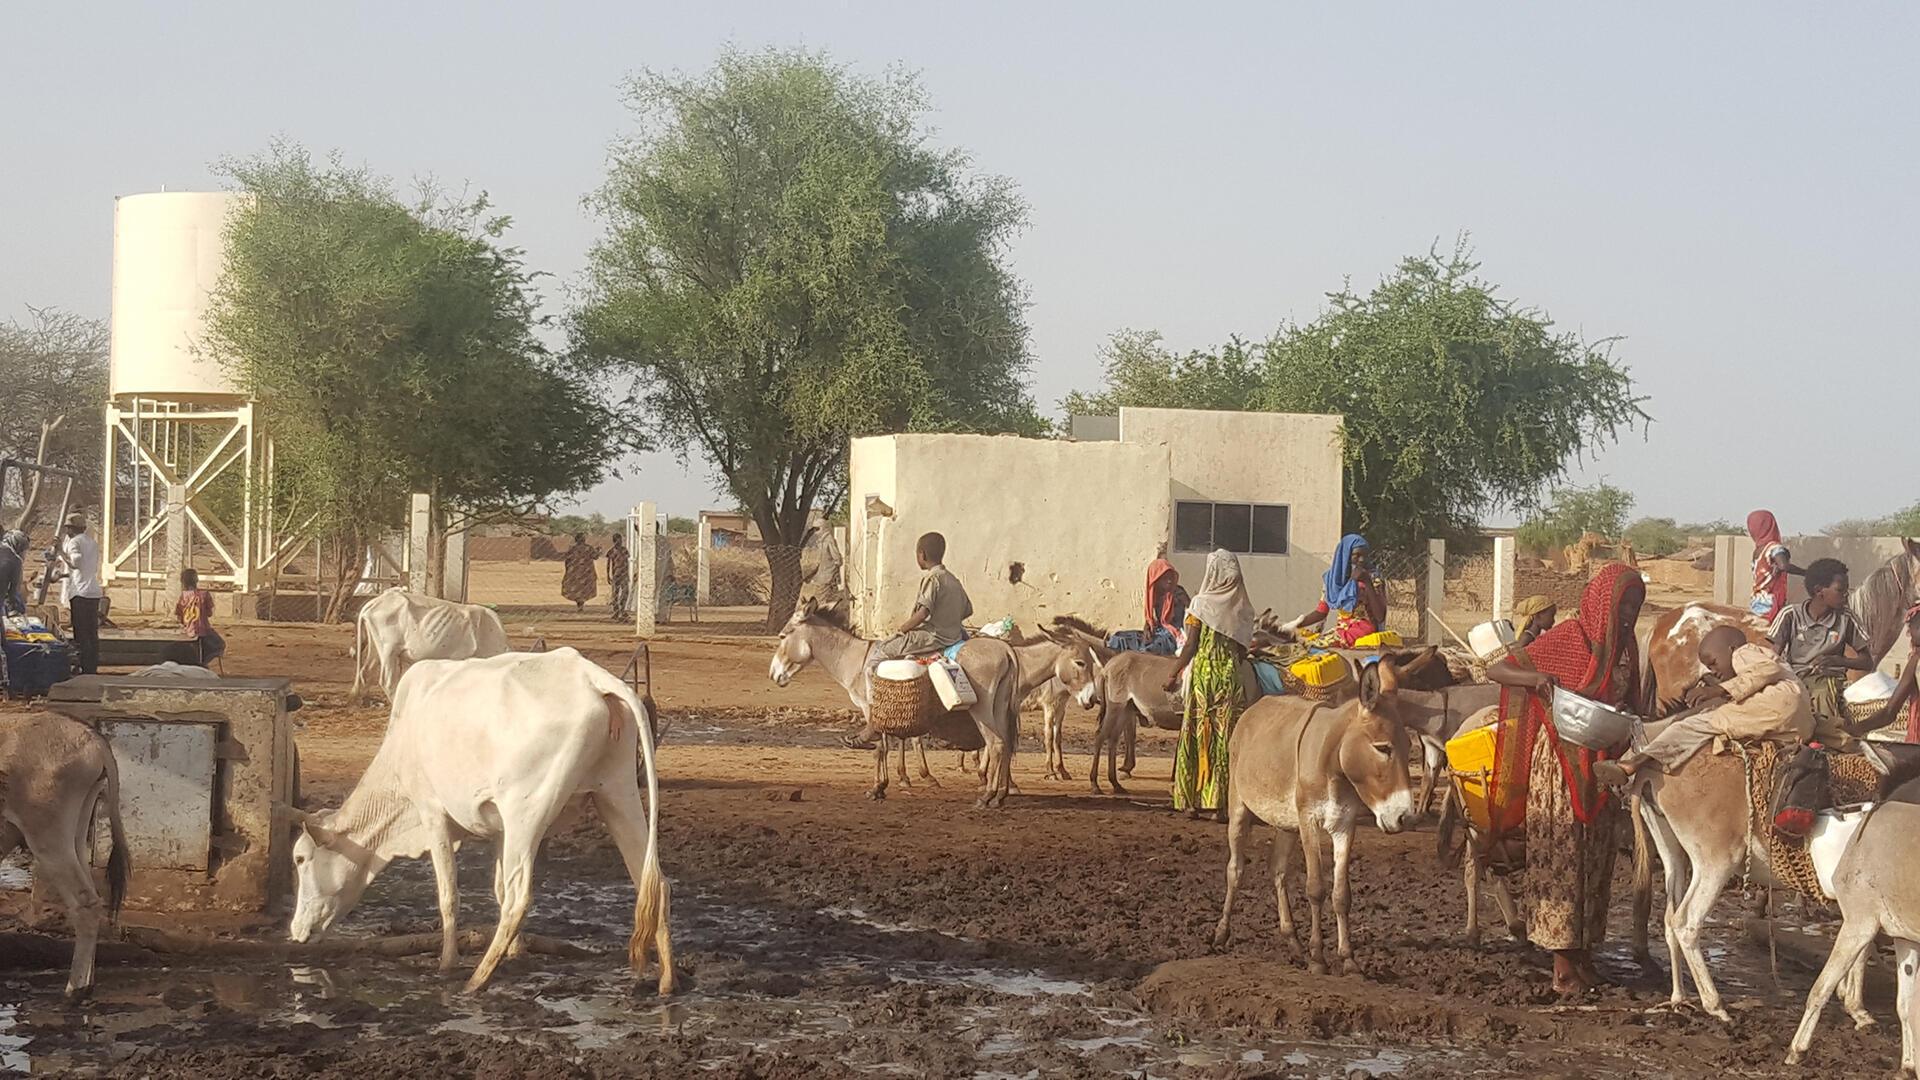 Afrique - Une vue de la station pastorale de Am Sak - Le coq chante 26 septembre 2021